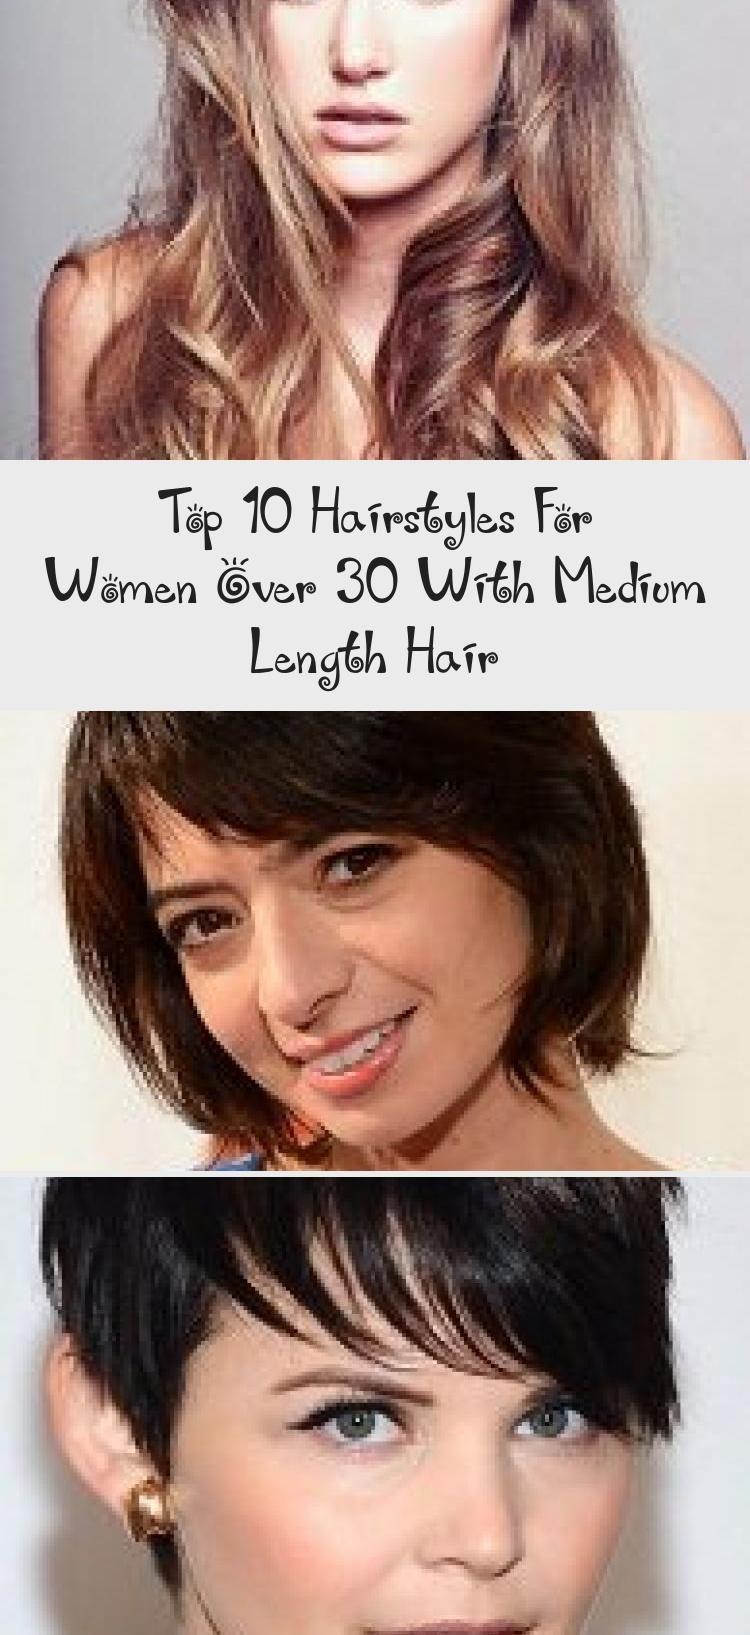 Top 10 kapsels voor vrouwen ouder dan 30 met halflang haar – kapsel in 2020    Top 10 hair styles, Hair lengths, Medium length hair styles